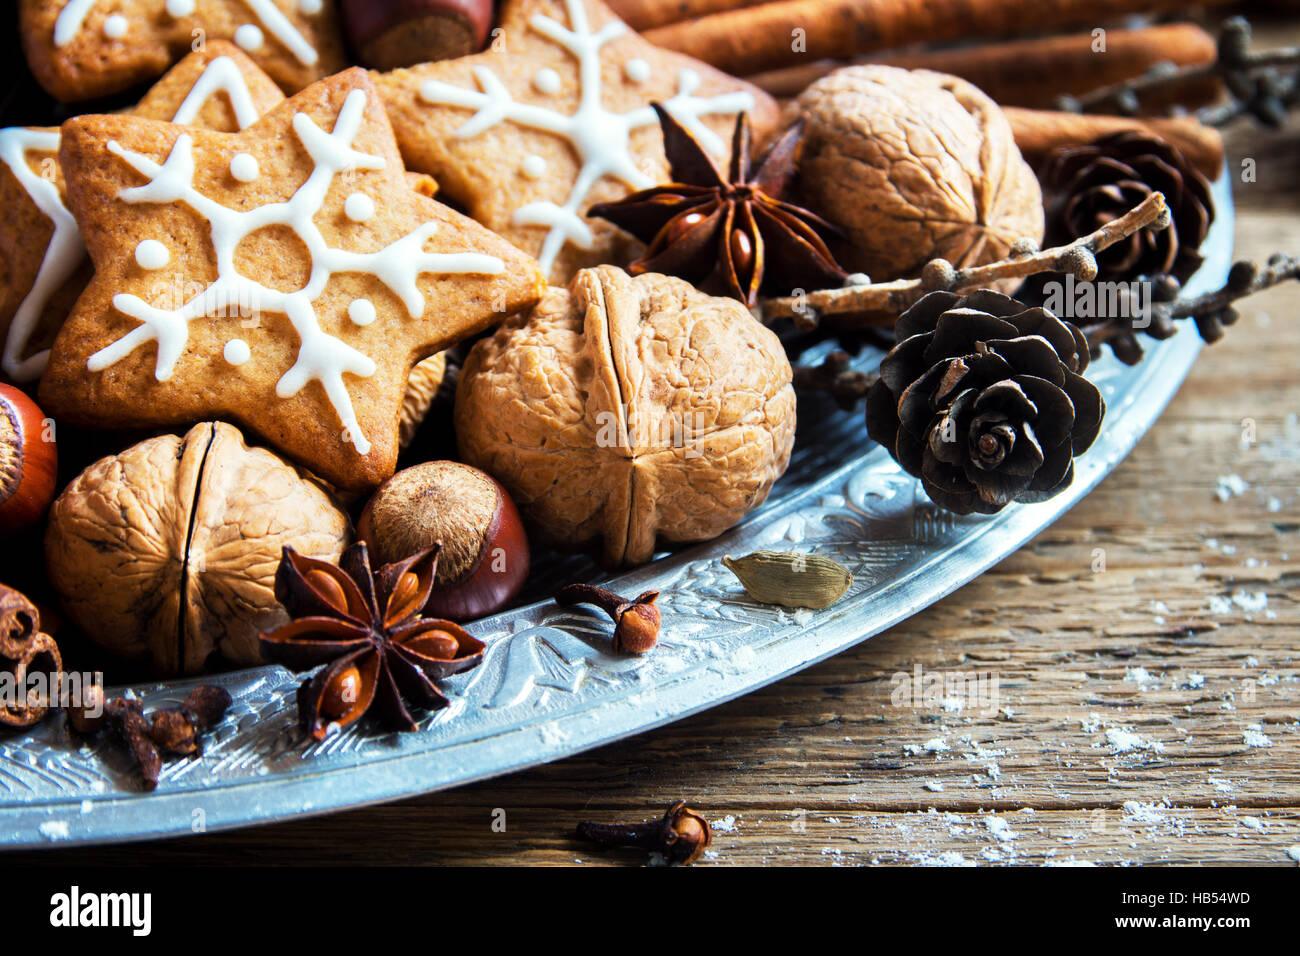 Decoración de Navidad con galletas de jengibre casera, estrellas, conos, nueces y especias de Navidad en madera Imagen De Stock